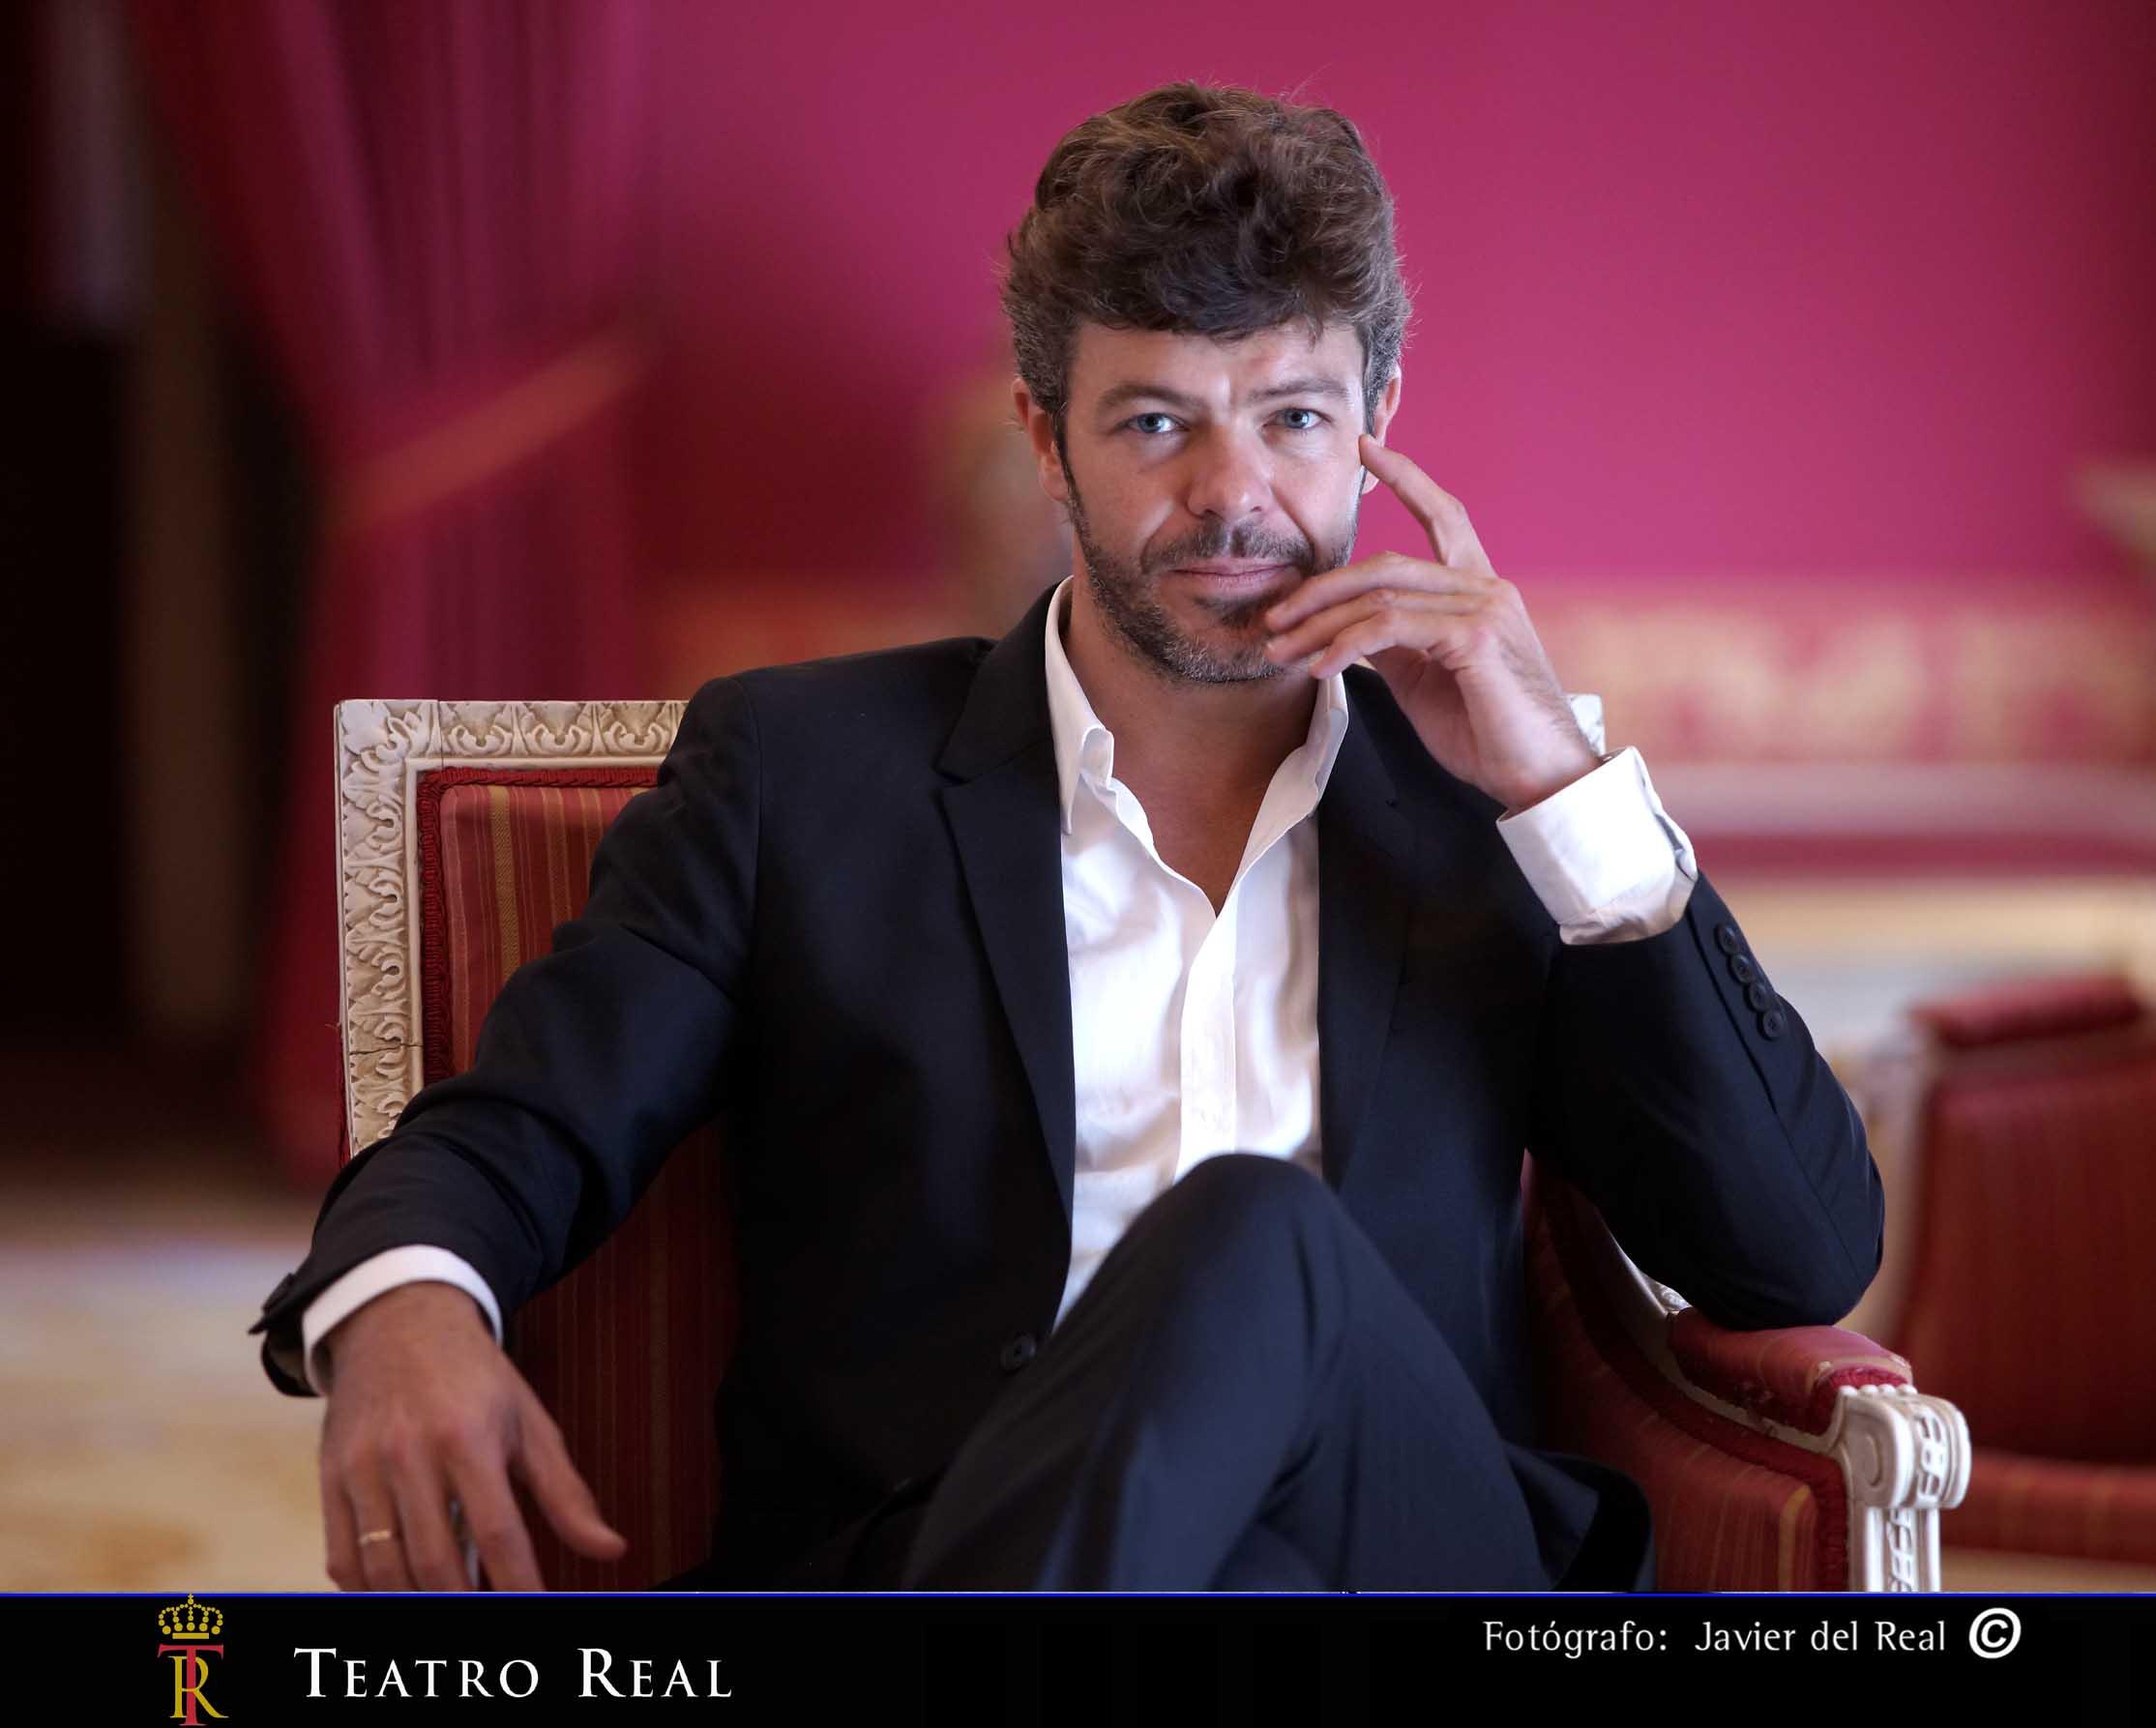 Teatro Real y Heras-Casado: un idilio conveniente